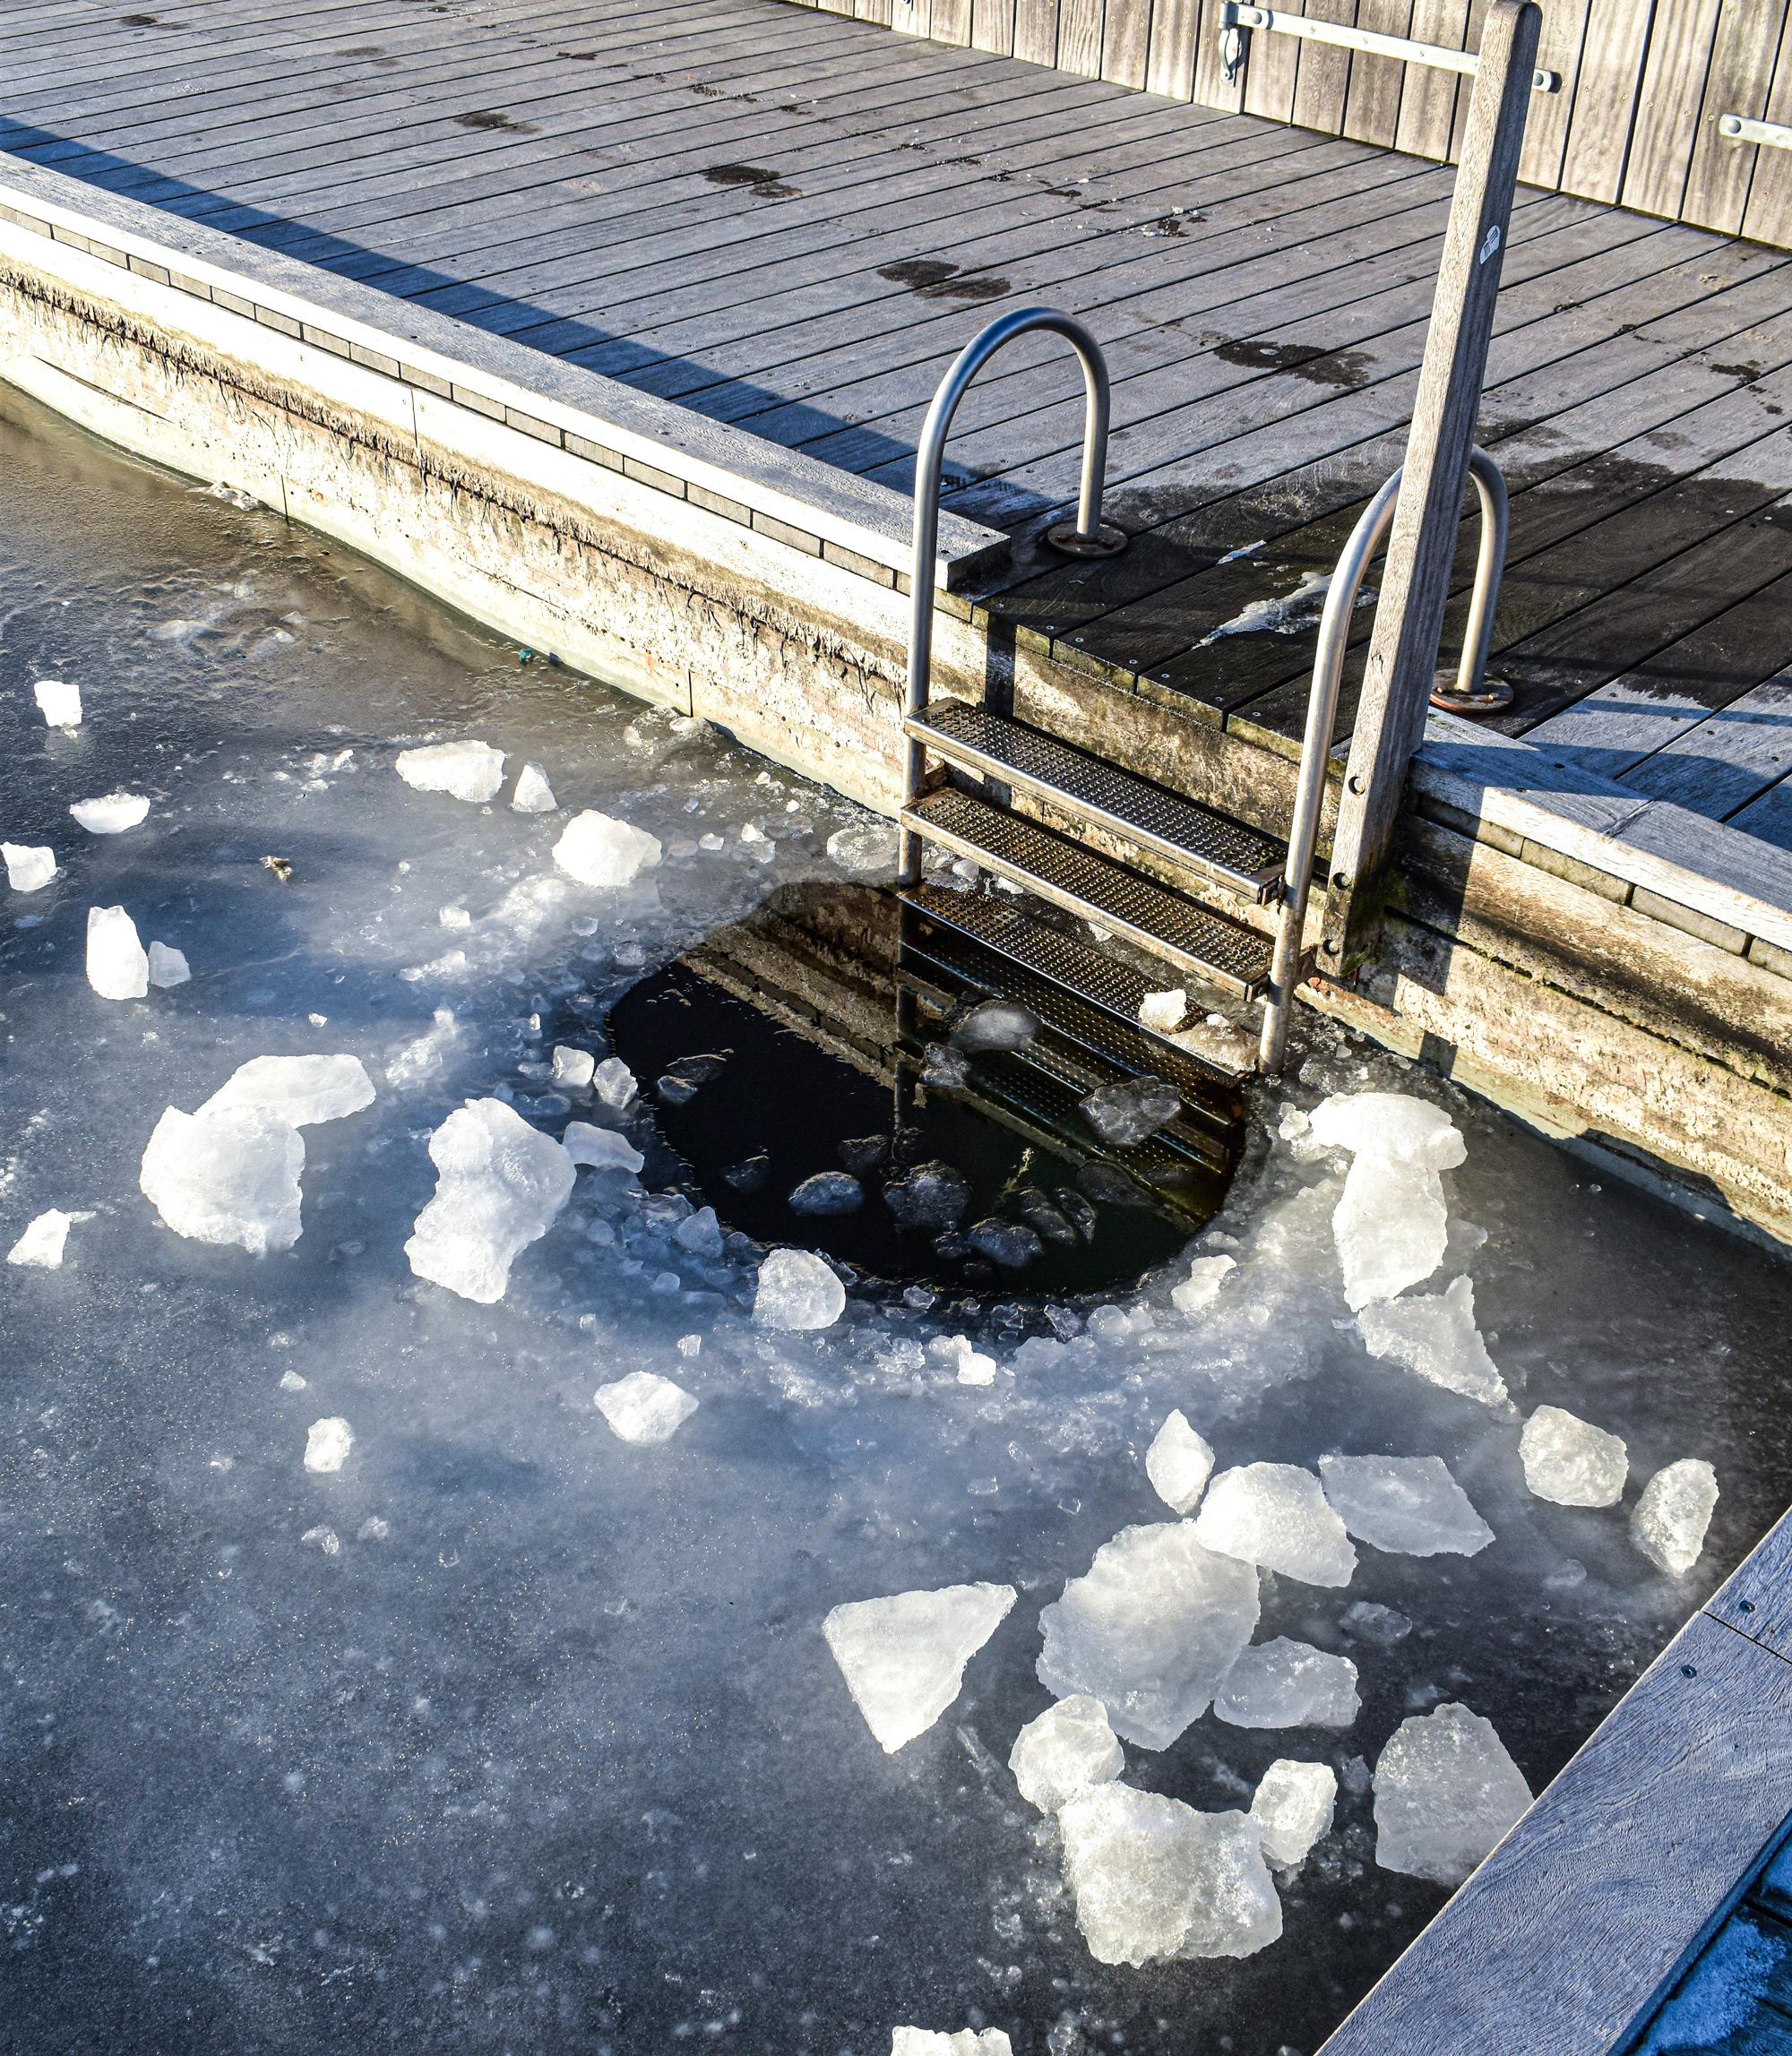 Forårsrengøringen er færdig: I morgen fylder Vestre Fjordpark bassinerne